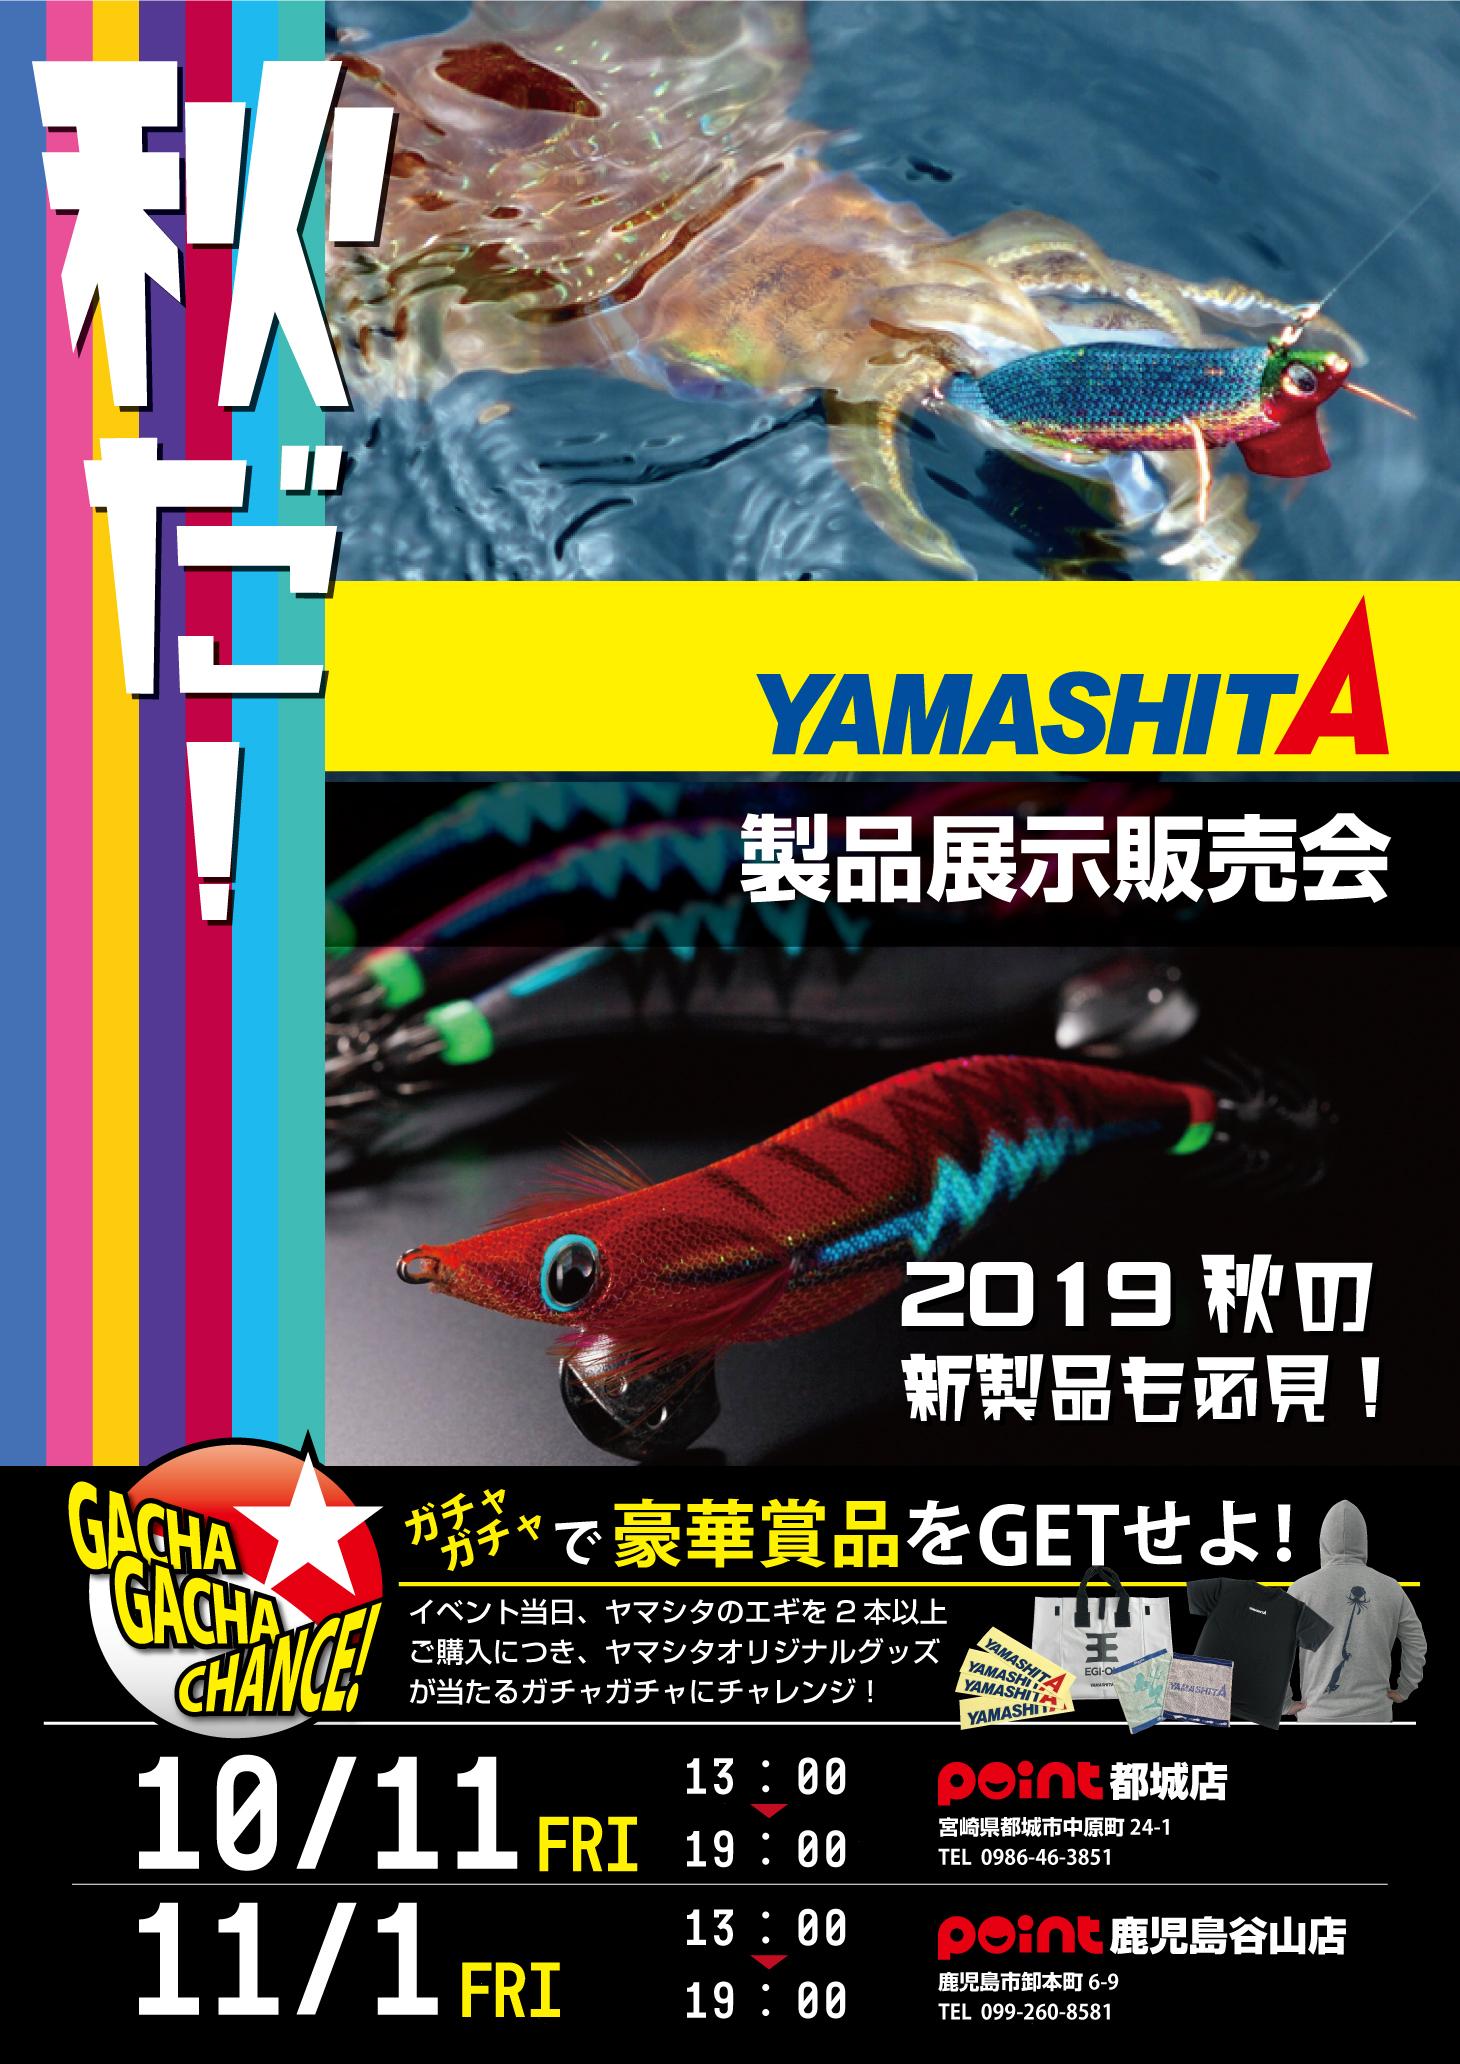 Yamashita製品展示受注会 都城・谷山 3